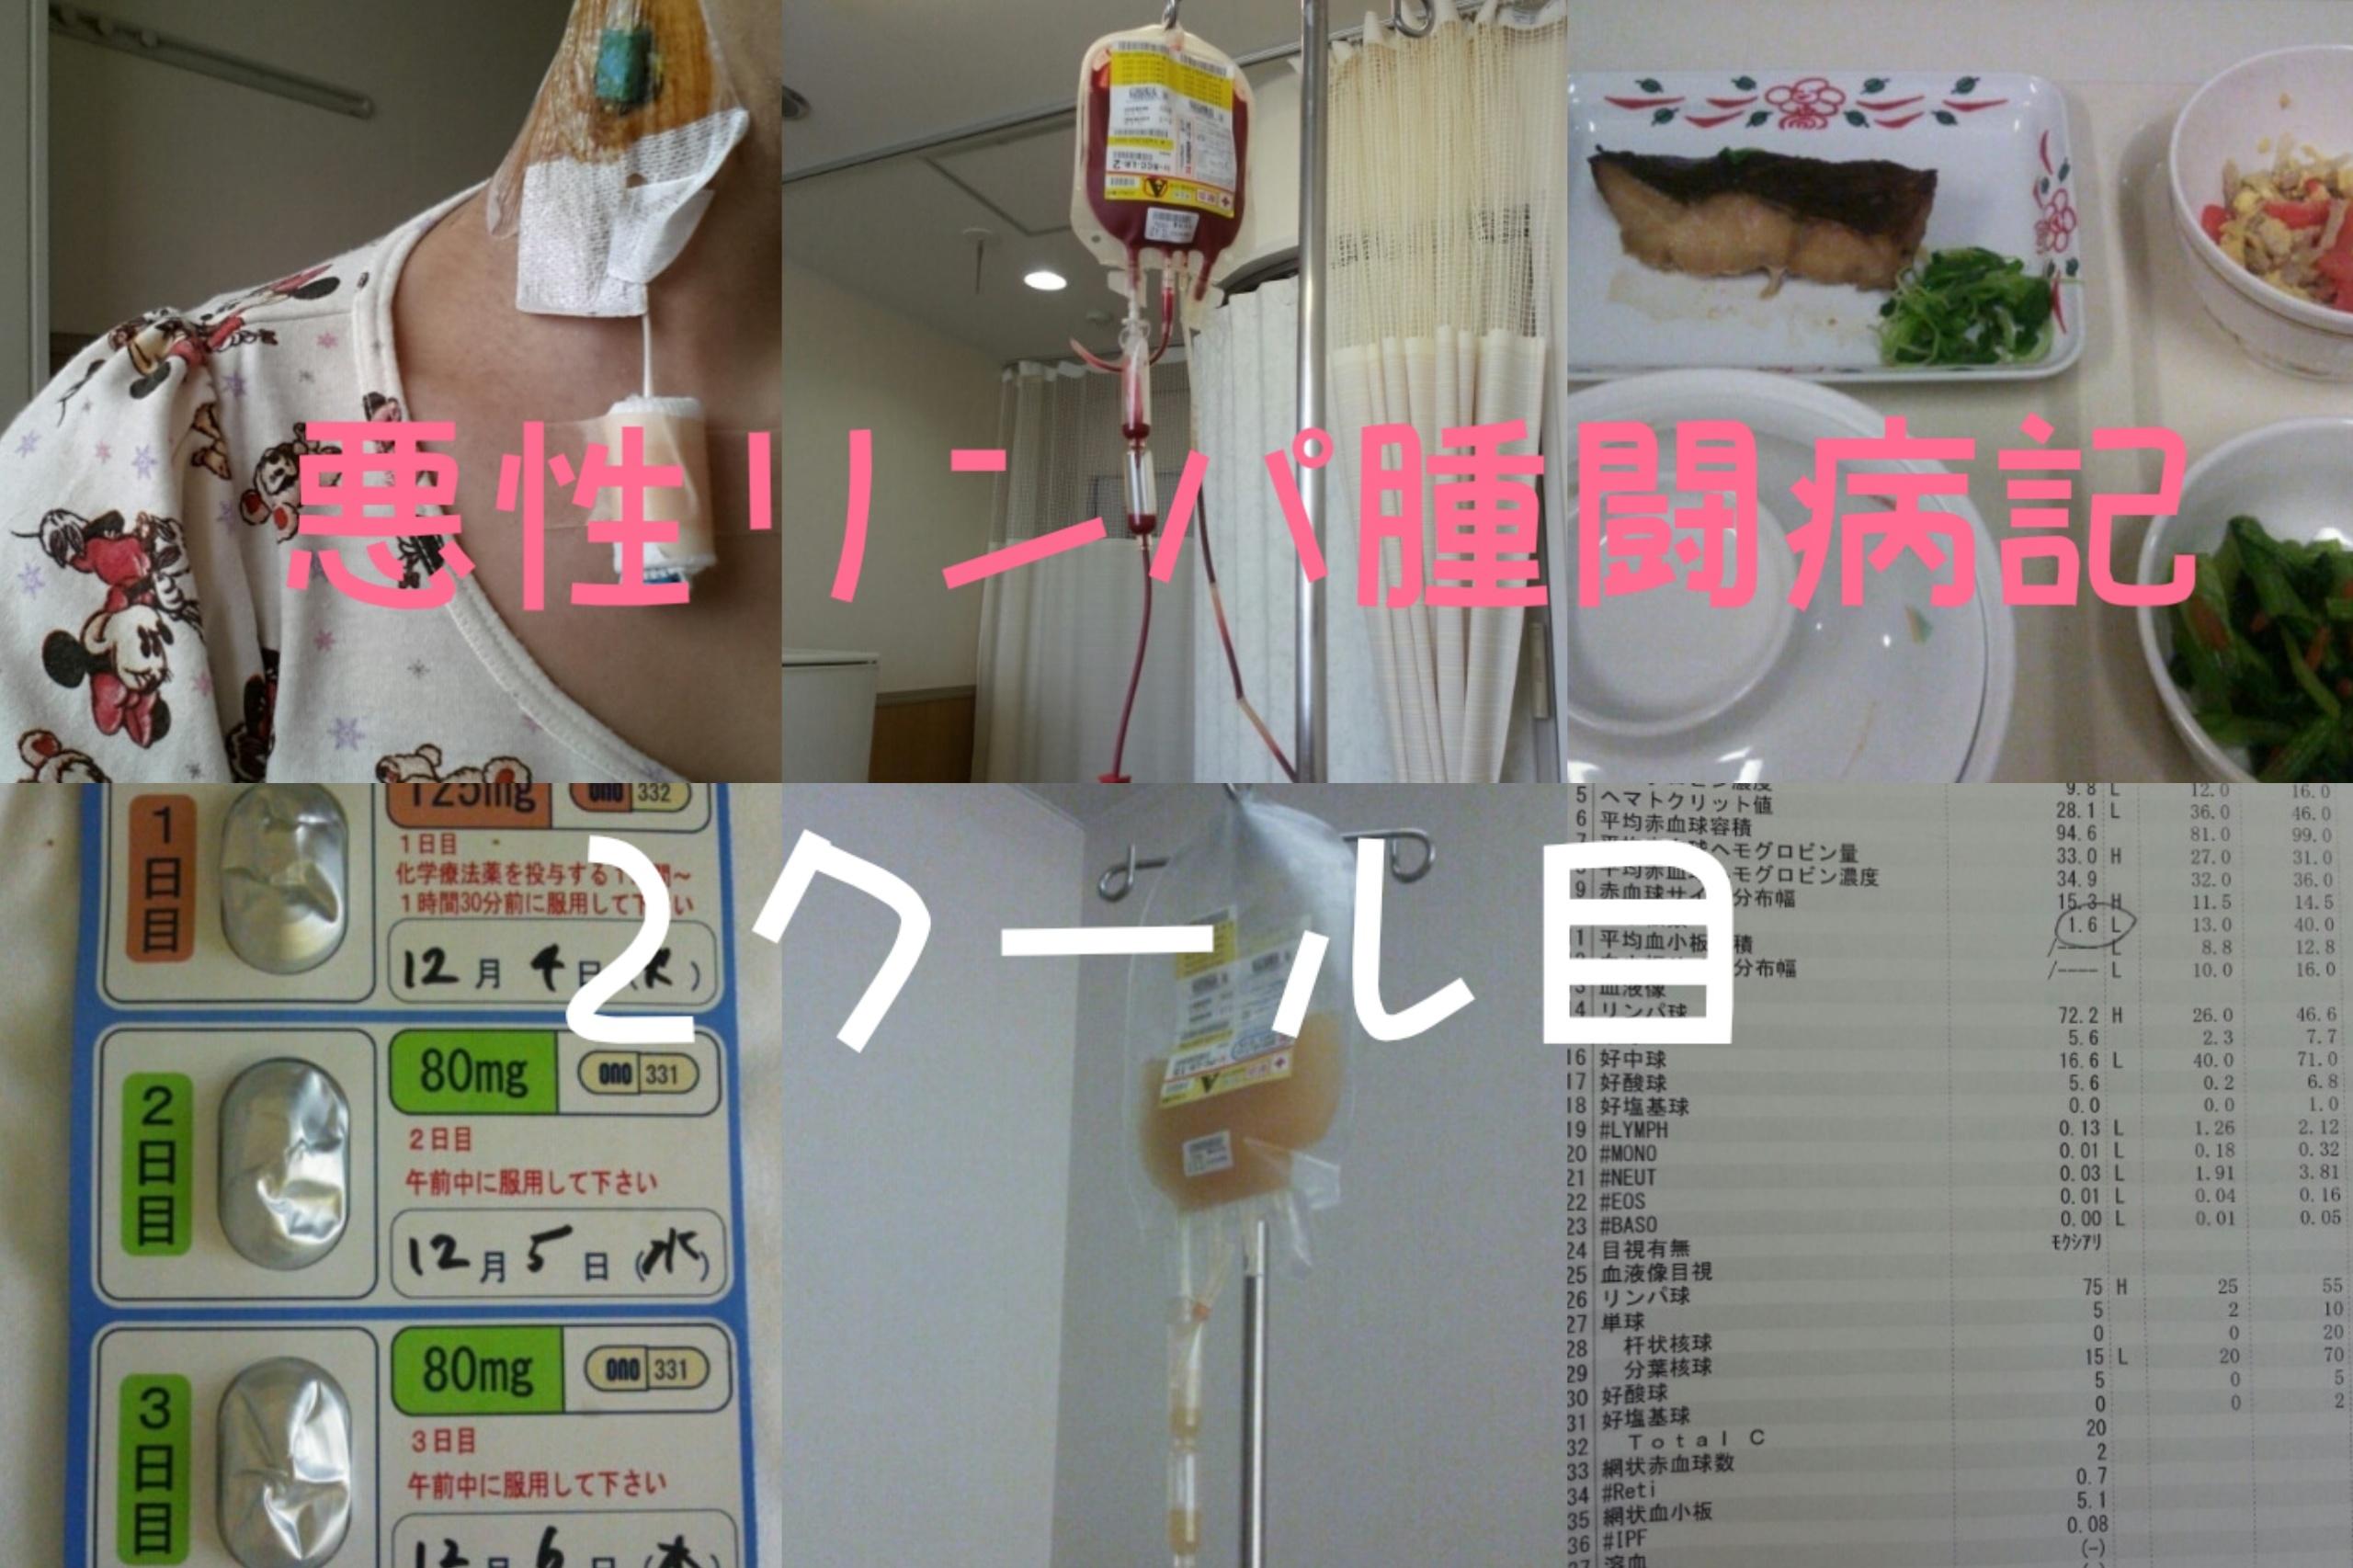 【悪性リンパ腫/2クール目】R-Hyper CVAD/R-MA療法開始!